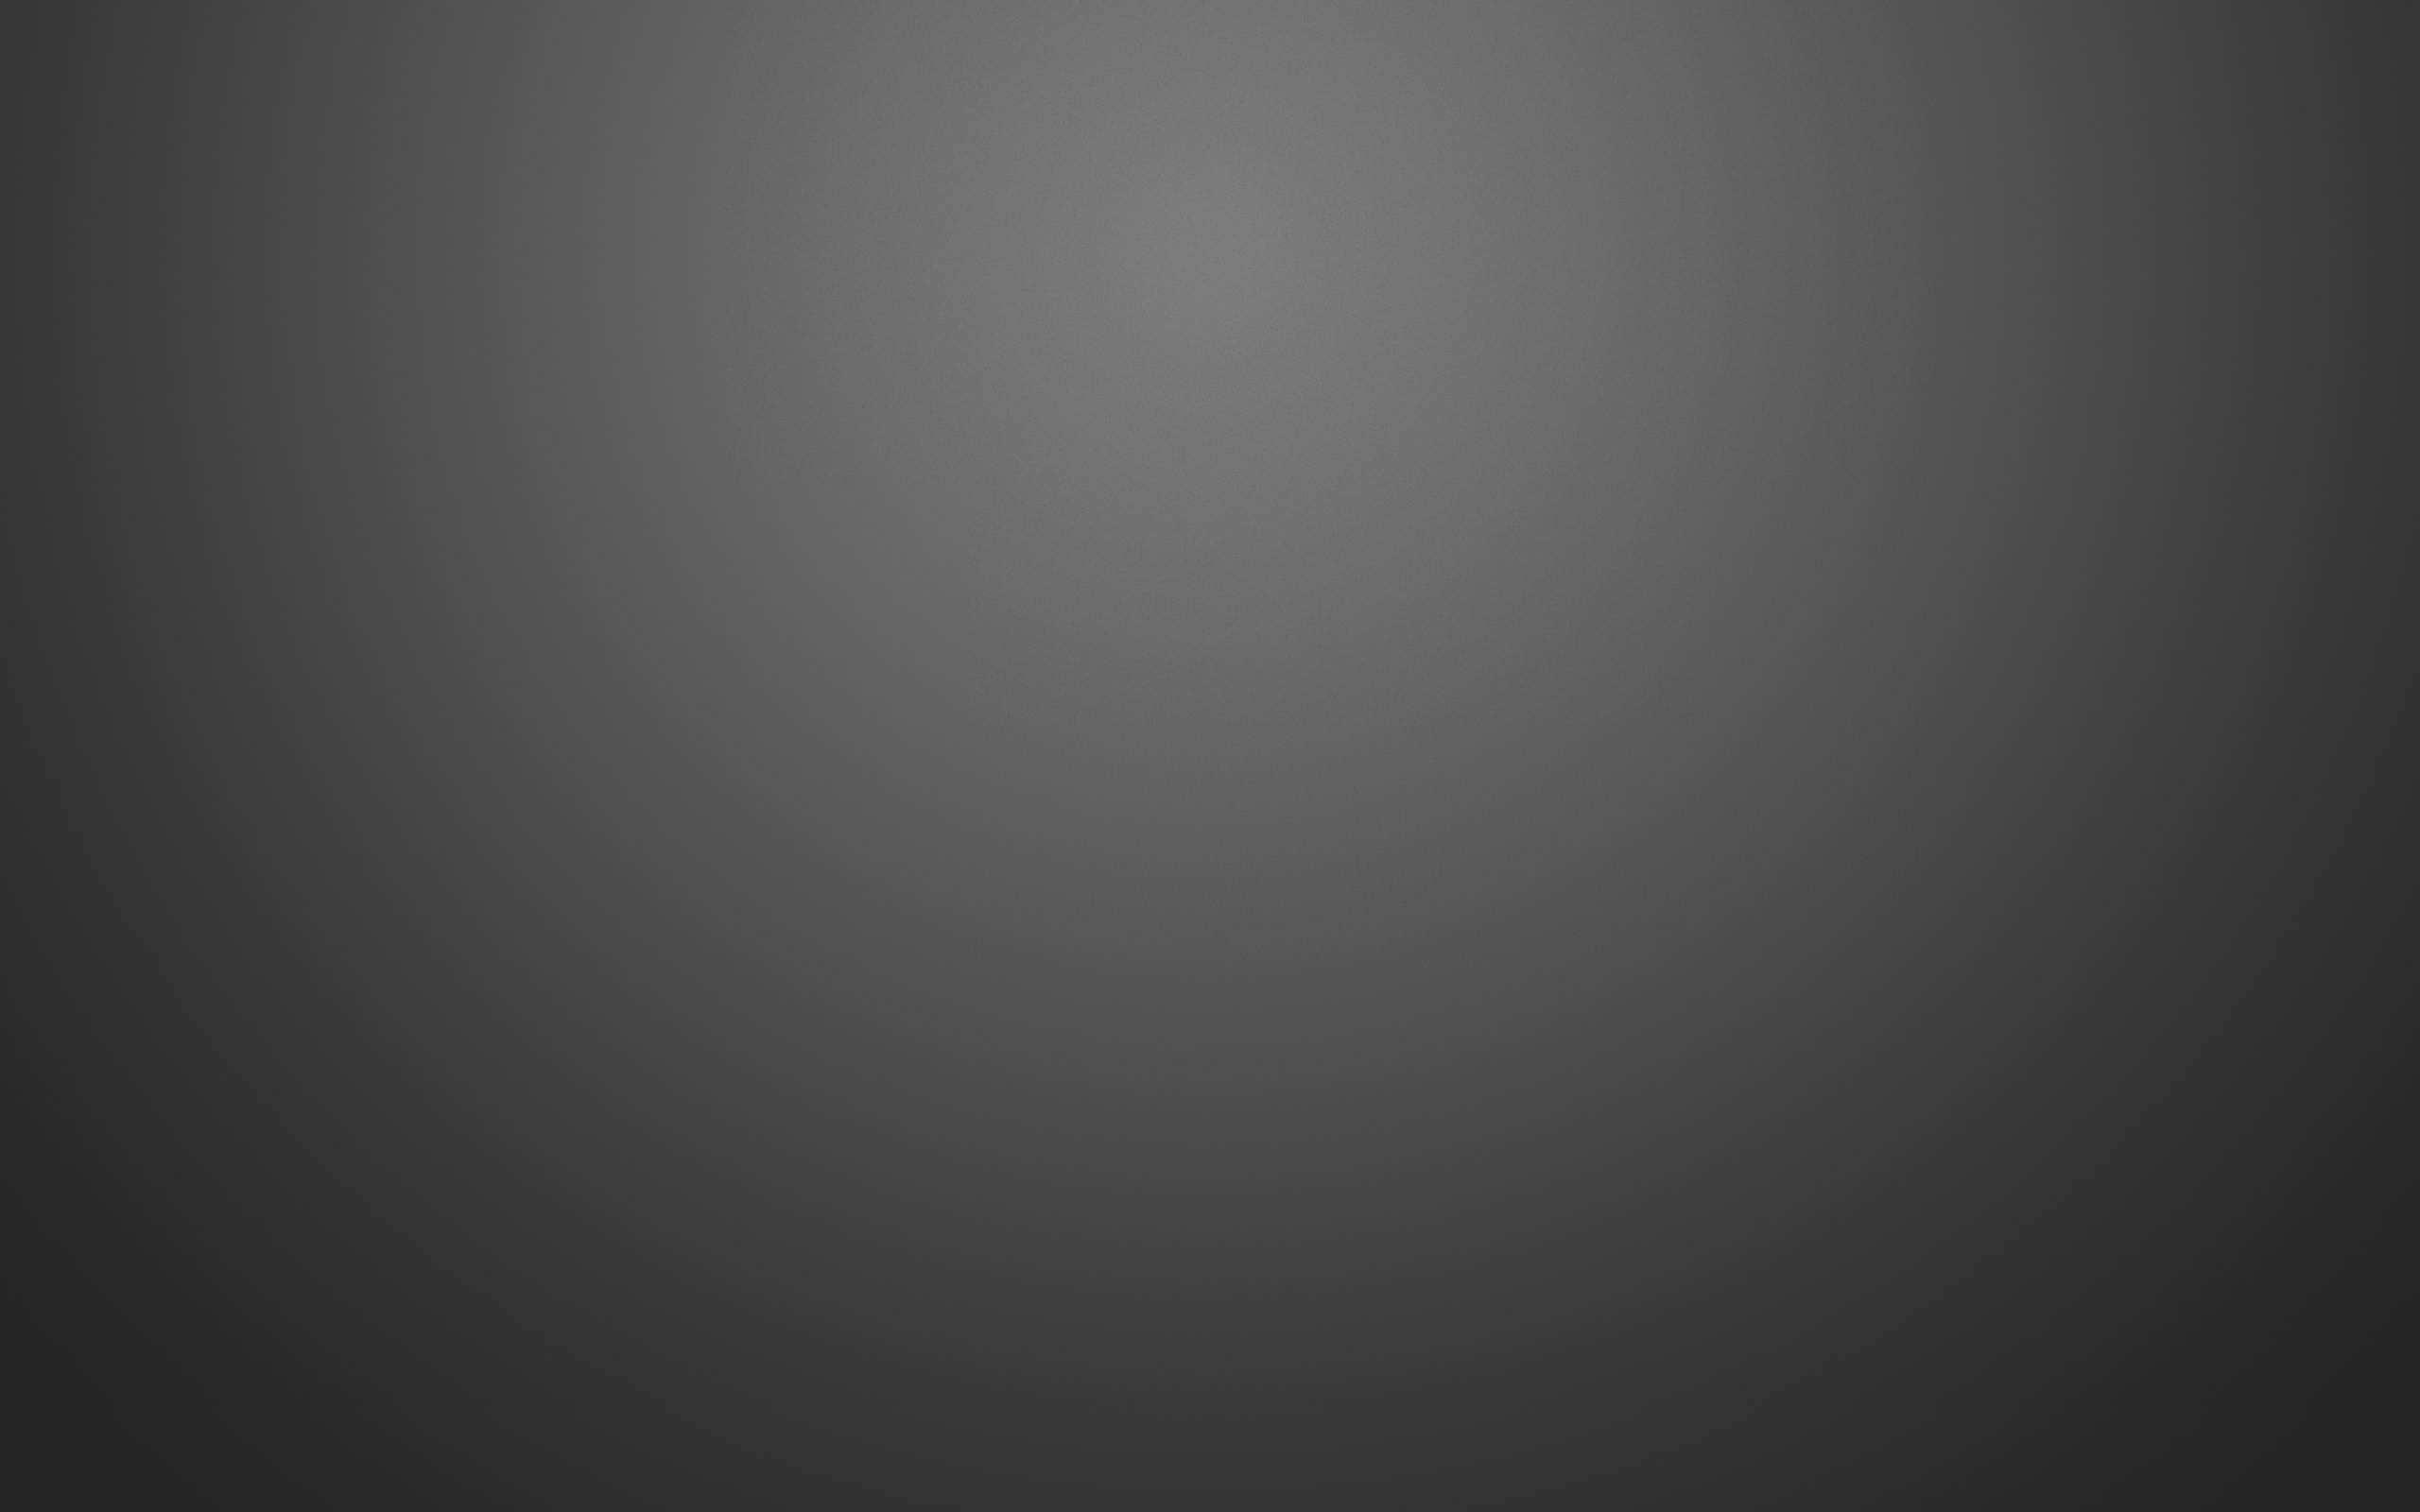 20 vintage gray backgrounds hd backgrounds freecreatives. Black Bedroom Furniture Sets. Home Design Ideas